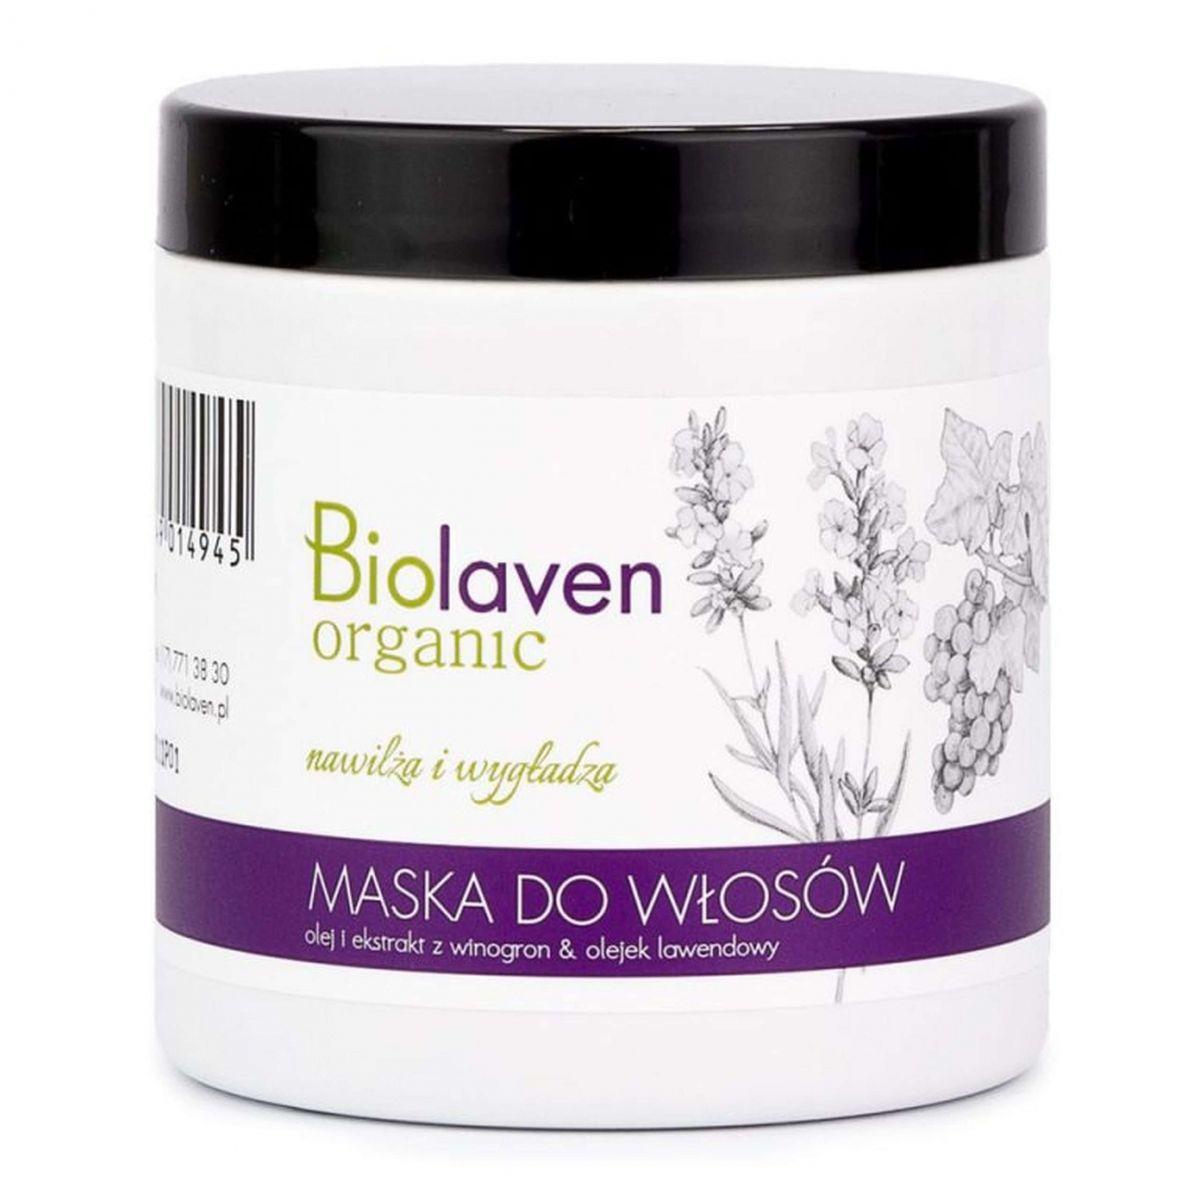 Maska do włosów - 250ml - Biolaven